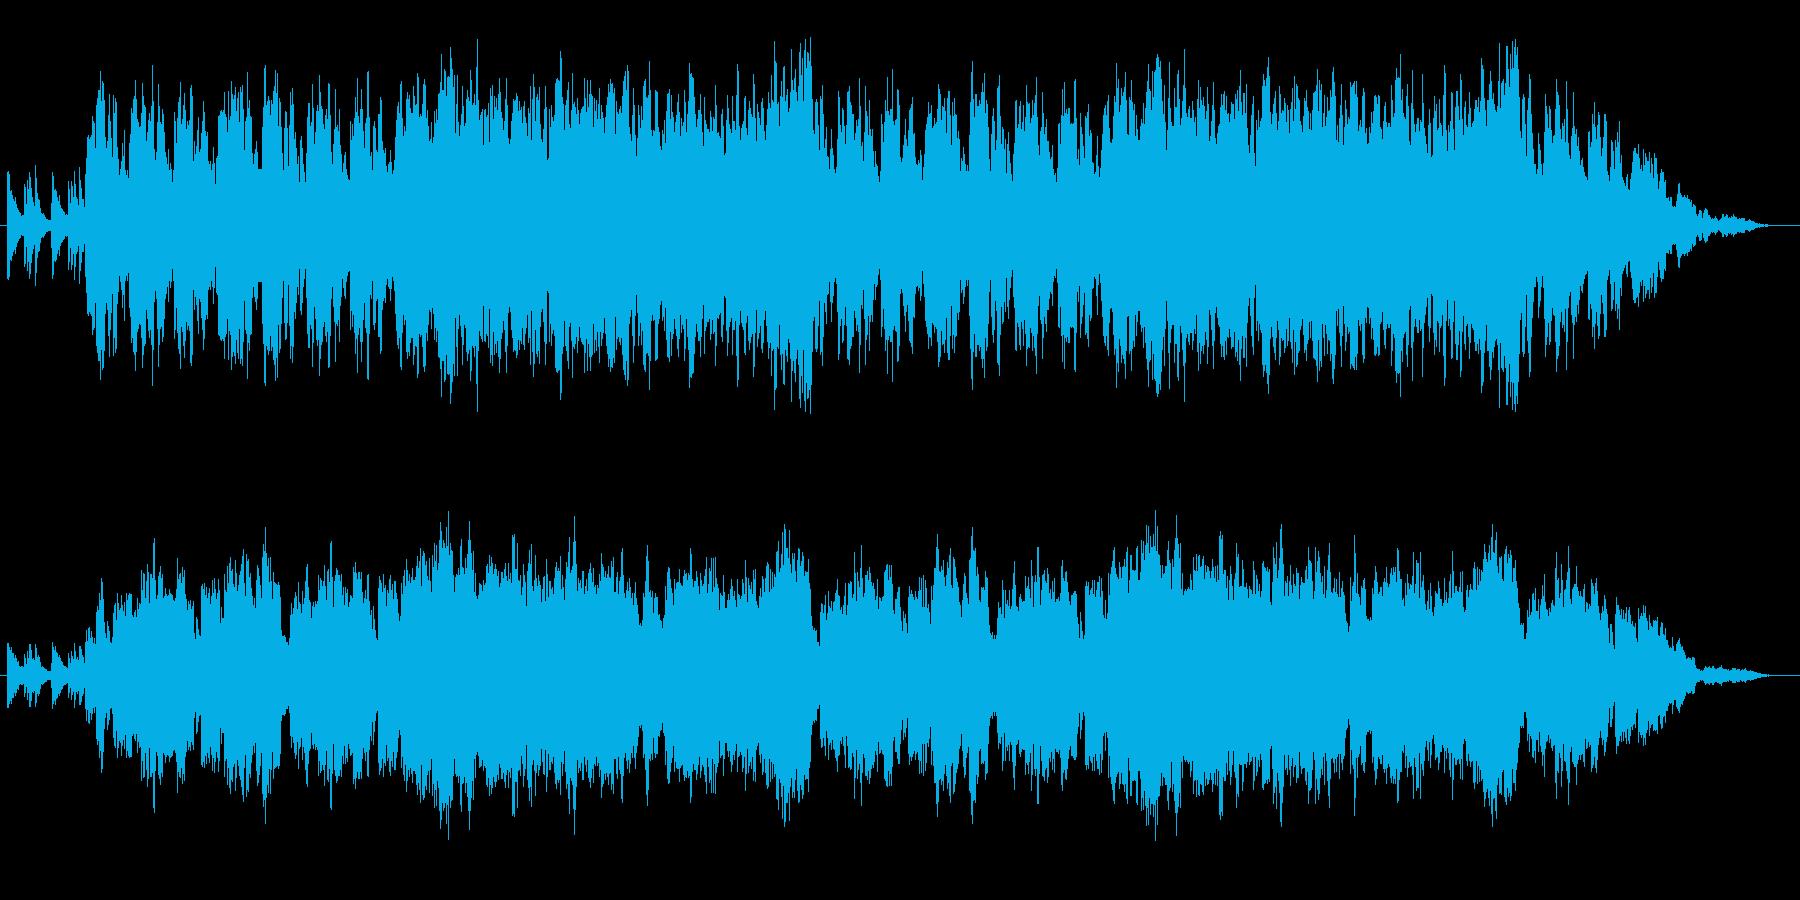 ゲームお城BGMの再生済みの波形